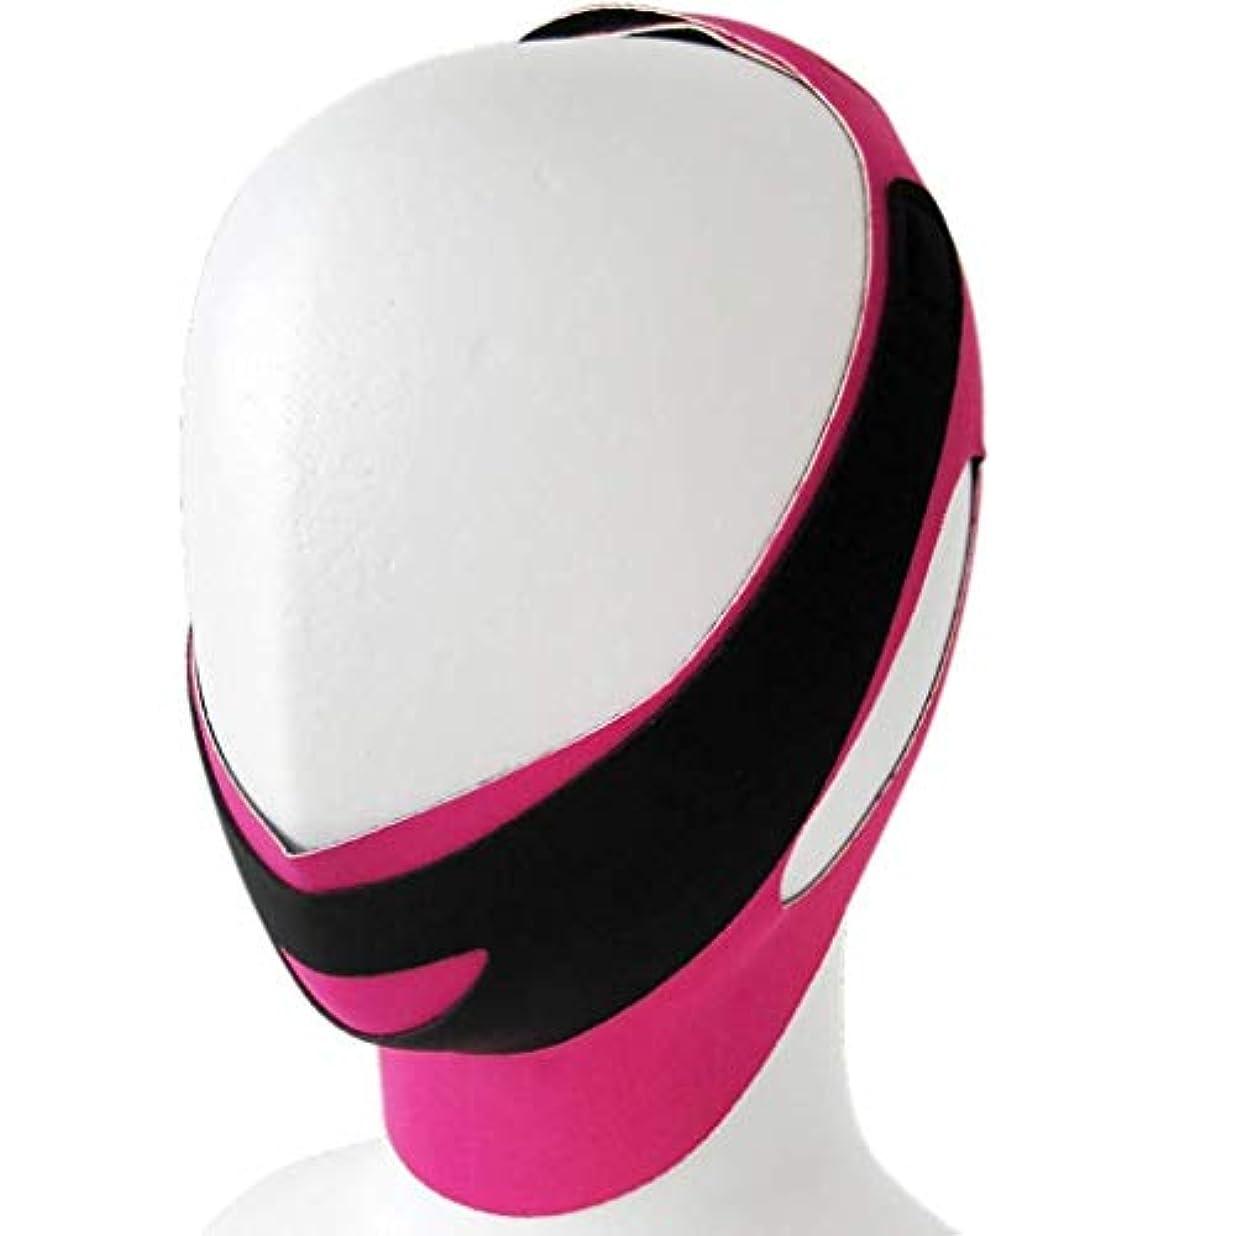 クリエイティブ依存断線フェイスアンドネックリフト術後弾性フェイスマスク小さなV顔アーティファクト薄い顔包帯アーティファクトV顔ぶら下げ耳リフティング引き締め薄い顔アーティファクト